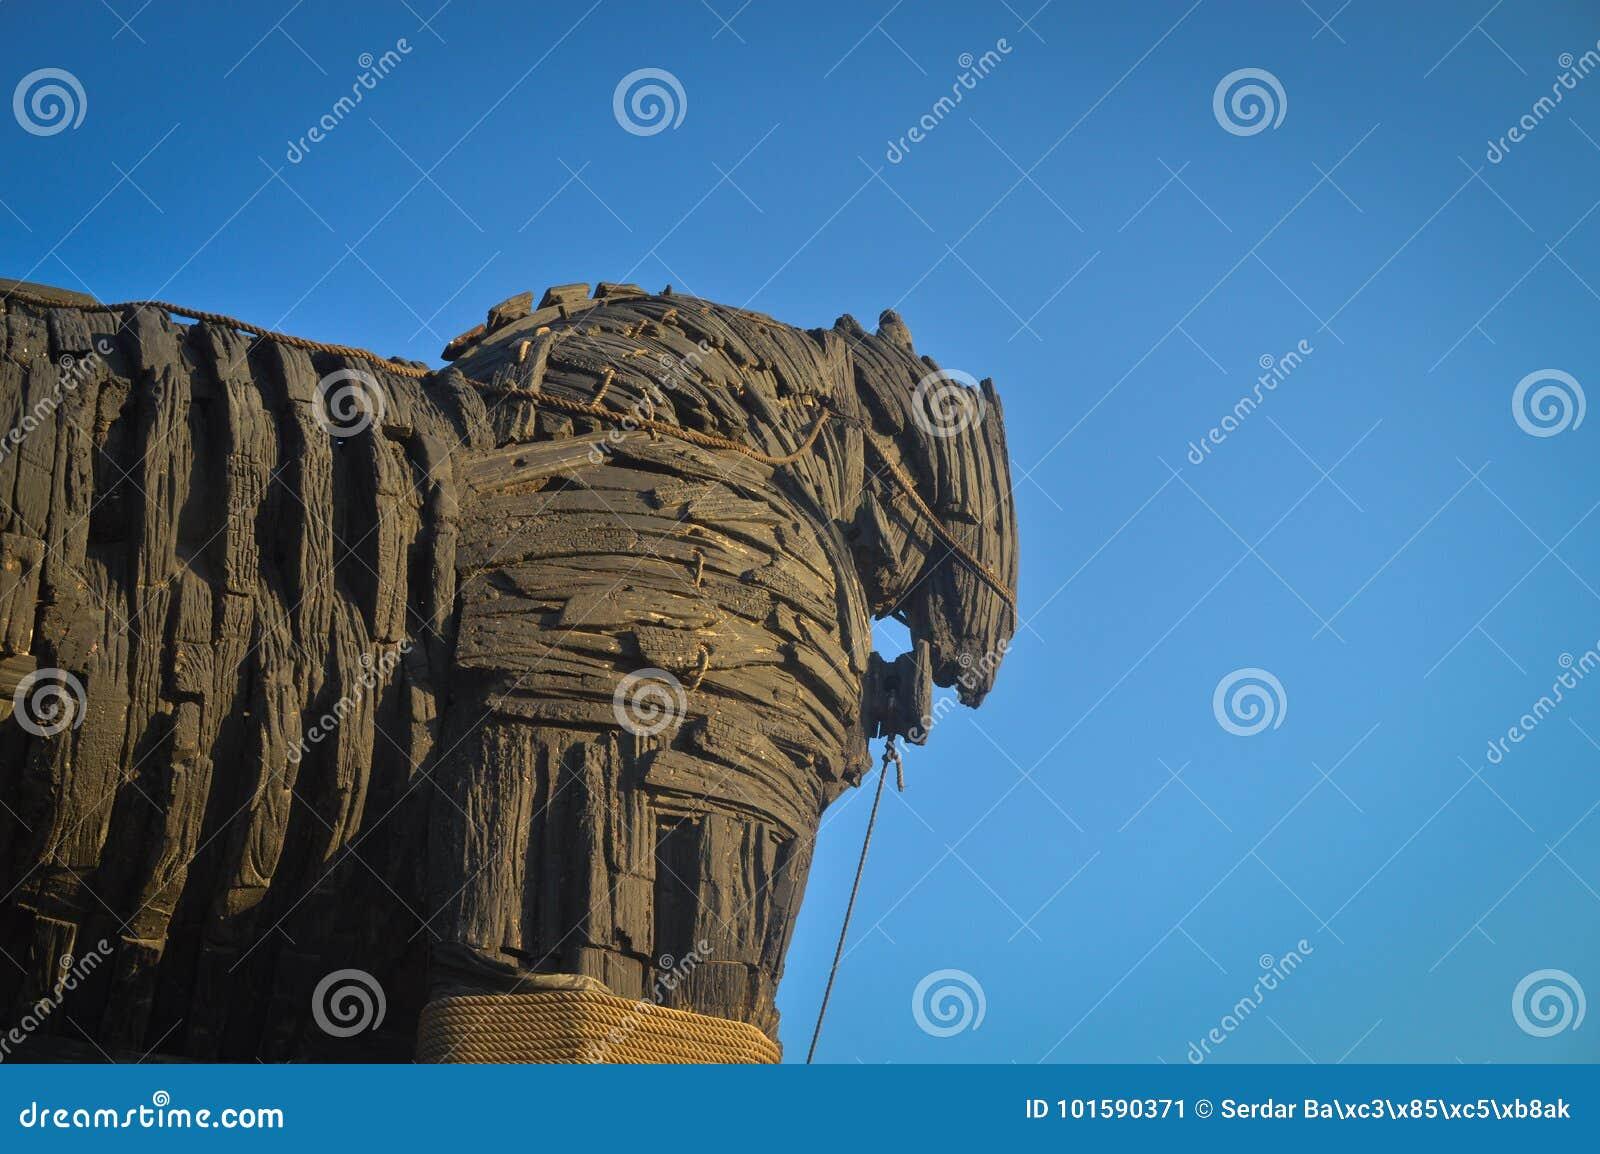 Caballo de Troya y cielo azul